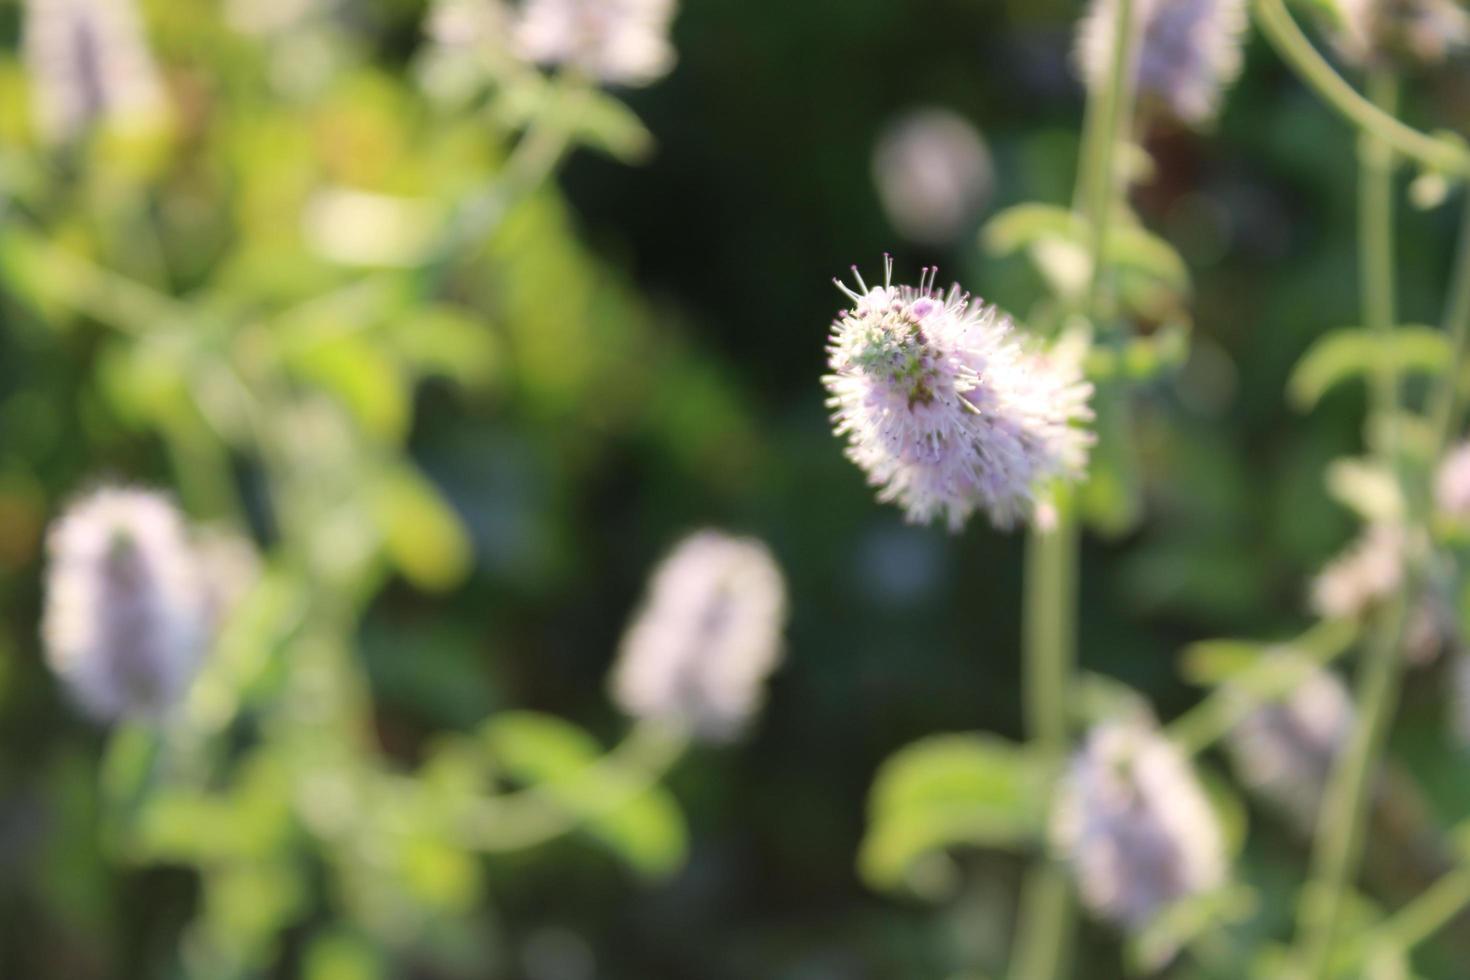 pianta di lavanda in primavera con dettagli macro foto